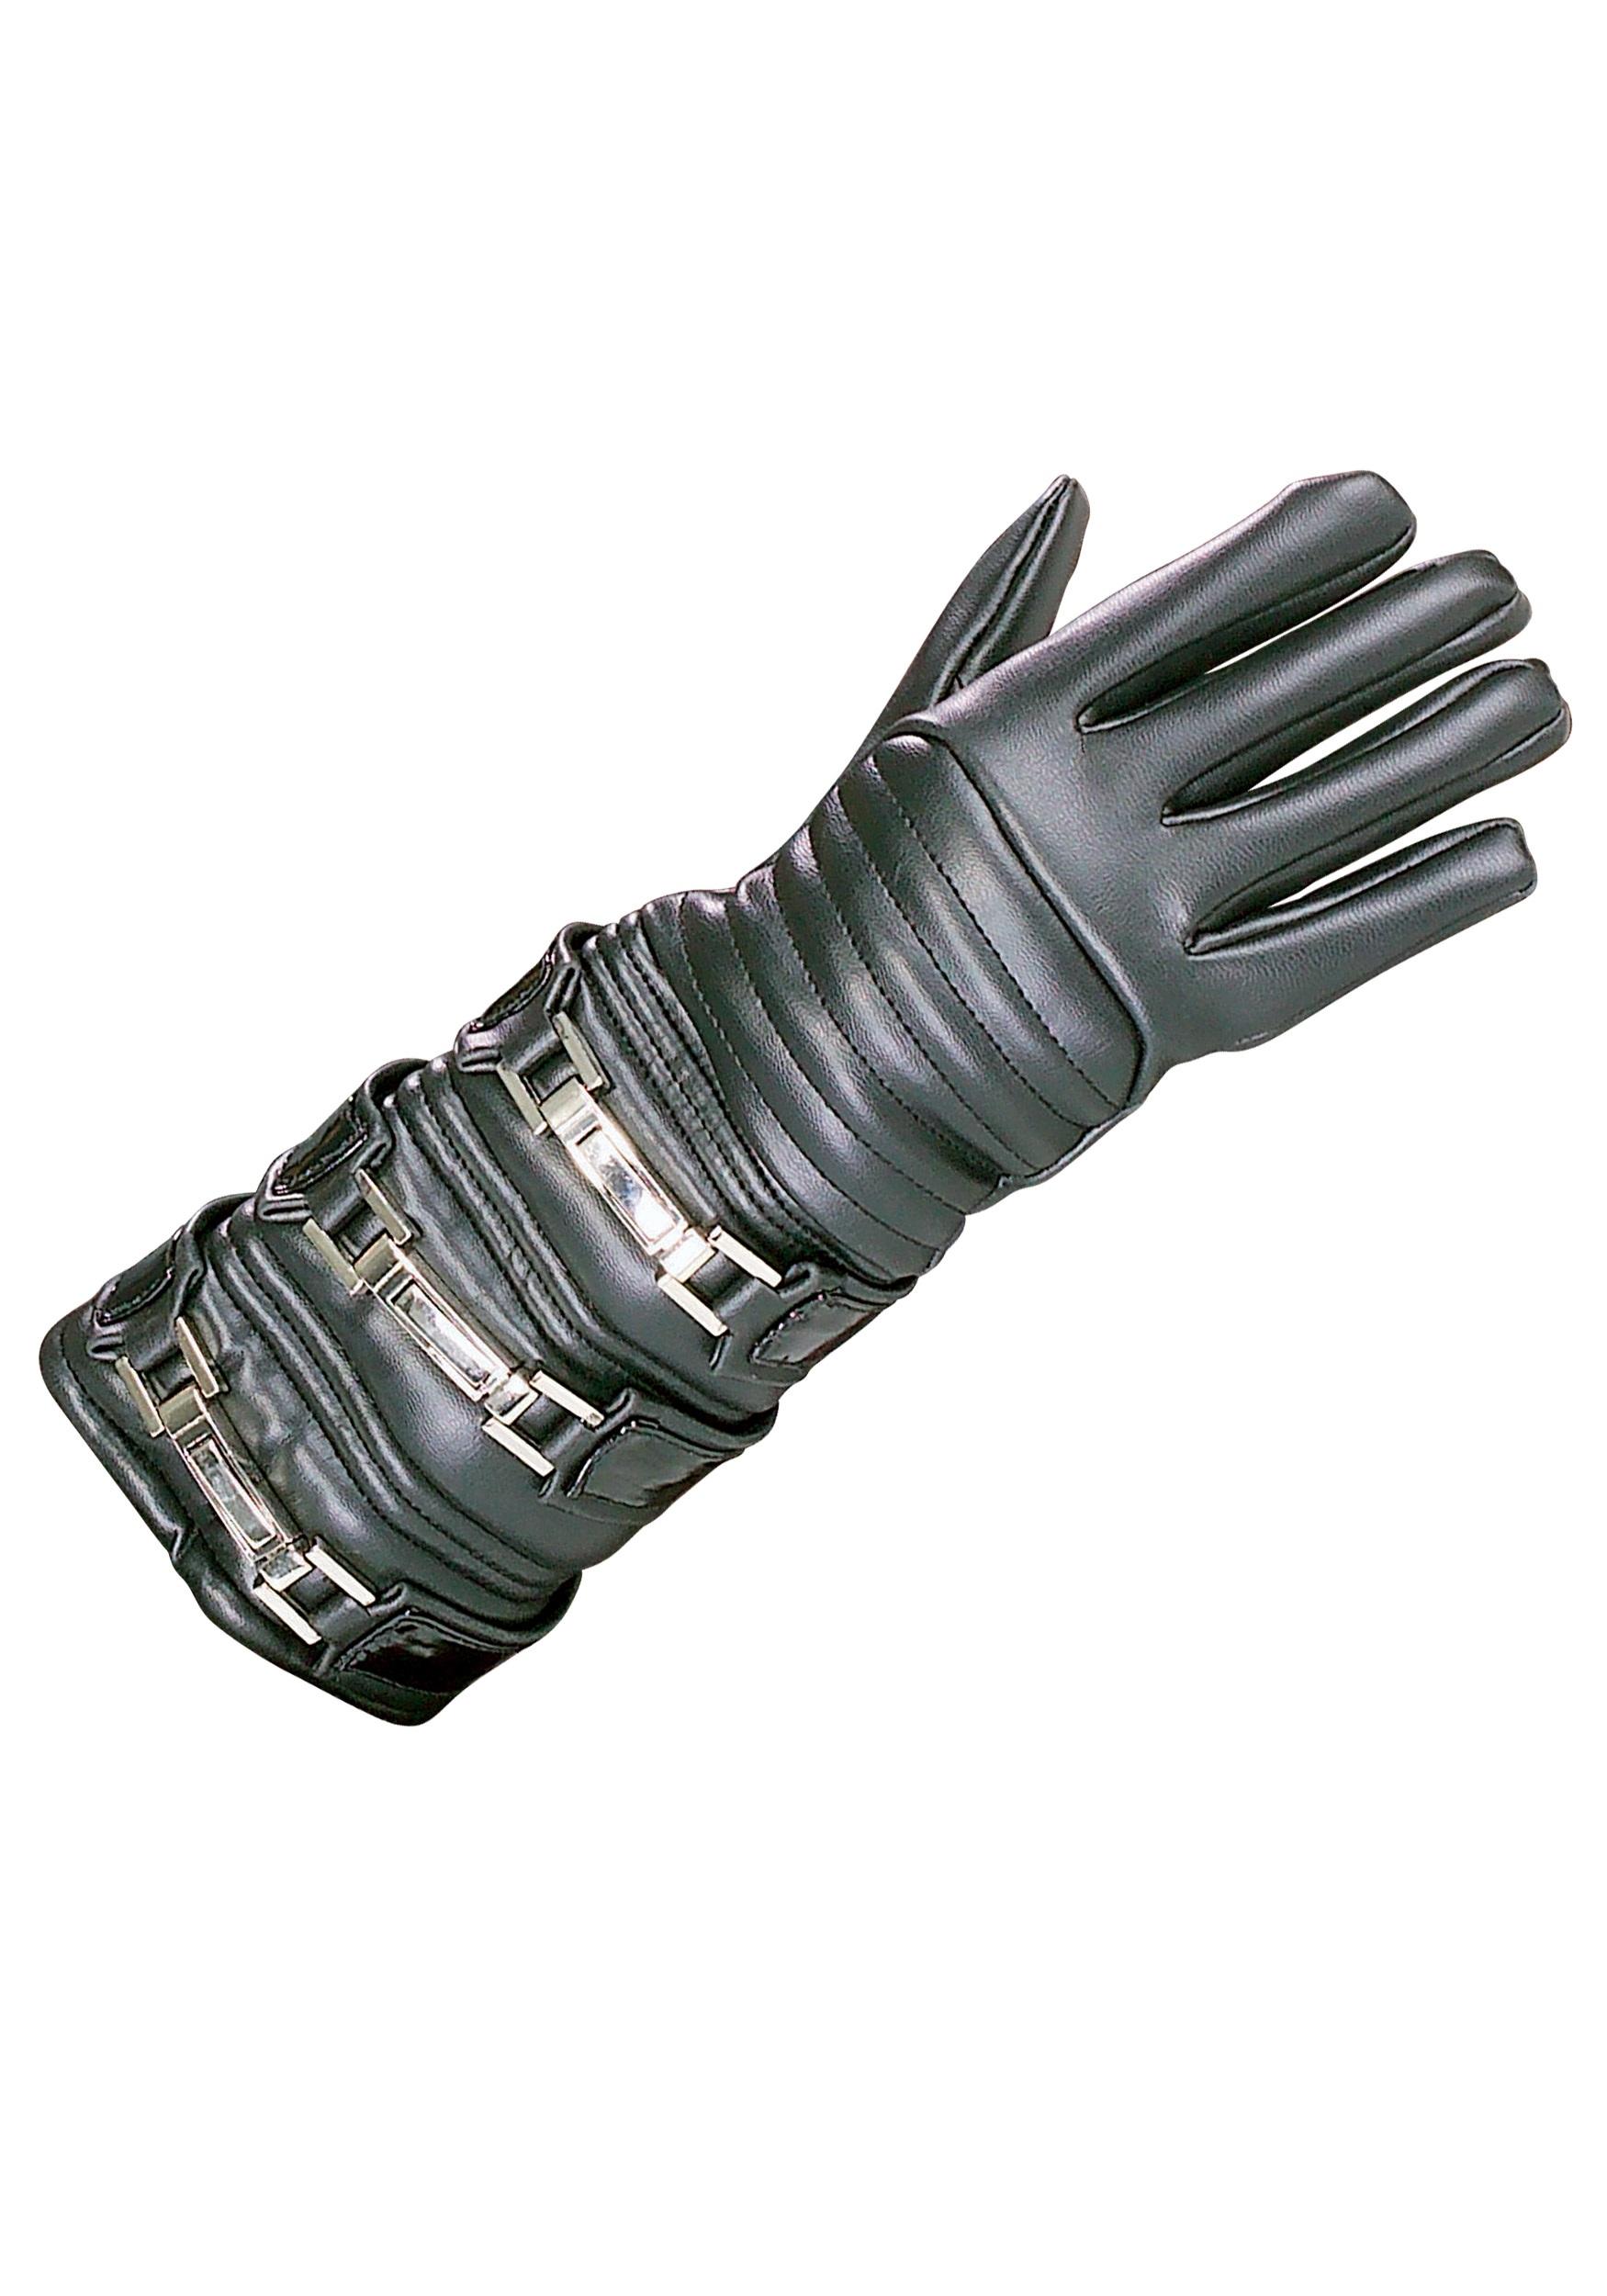 Anakin Glove RU1098